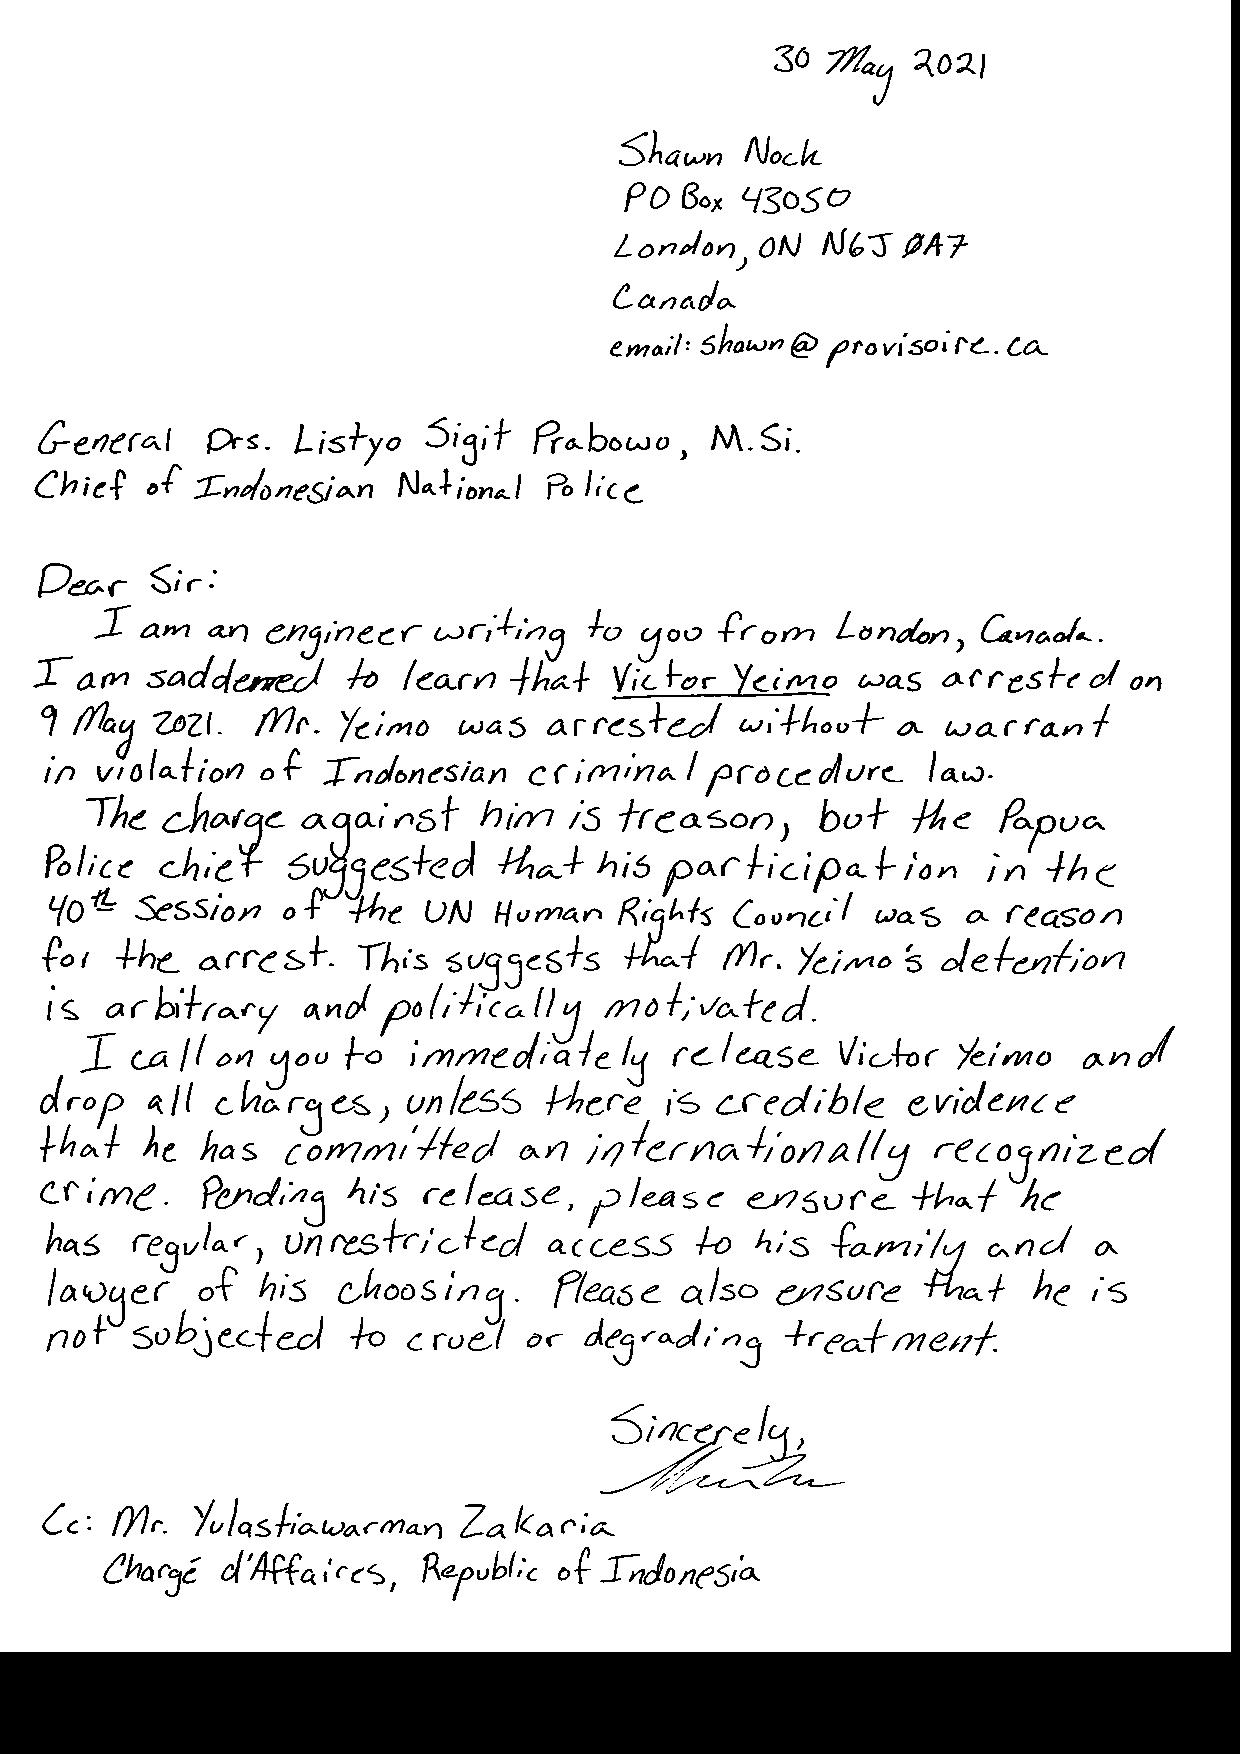 handwritten letter, text follows